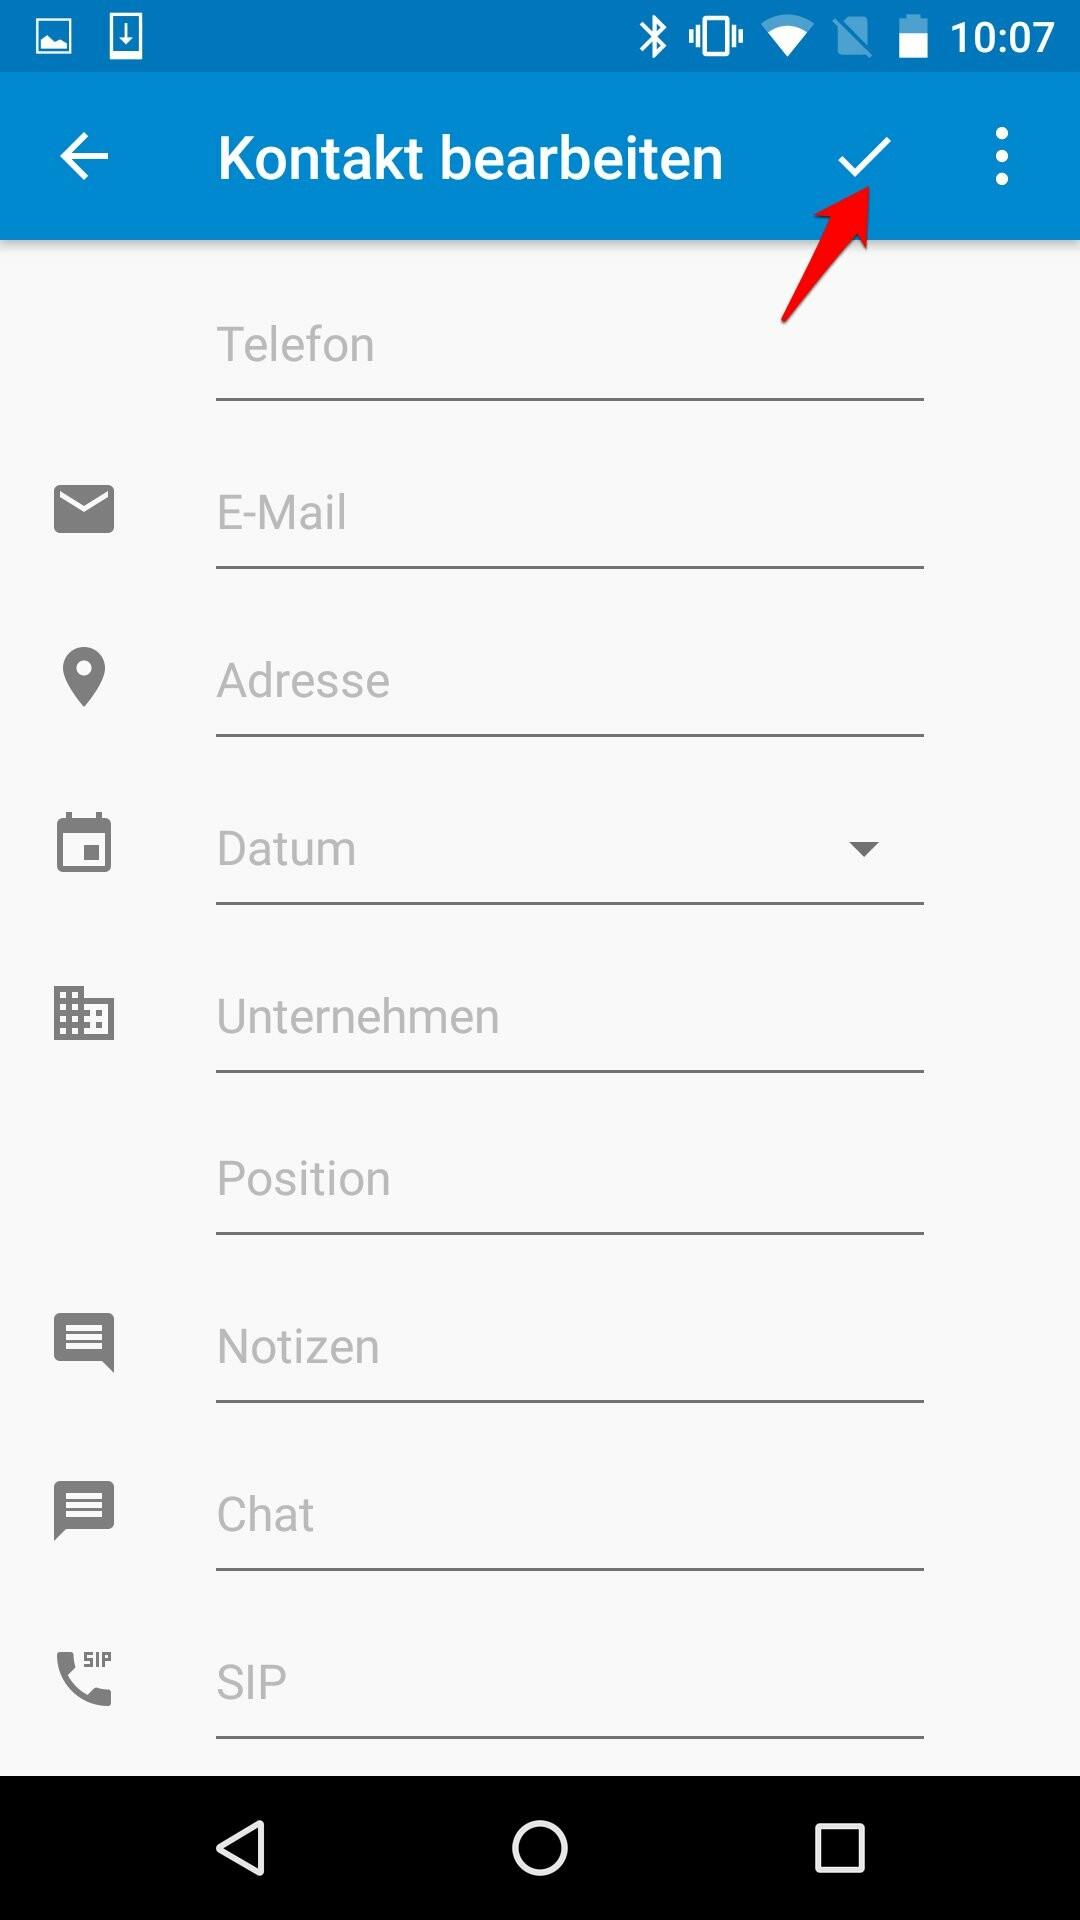 Datum-Kontaktnummer